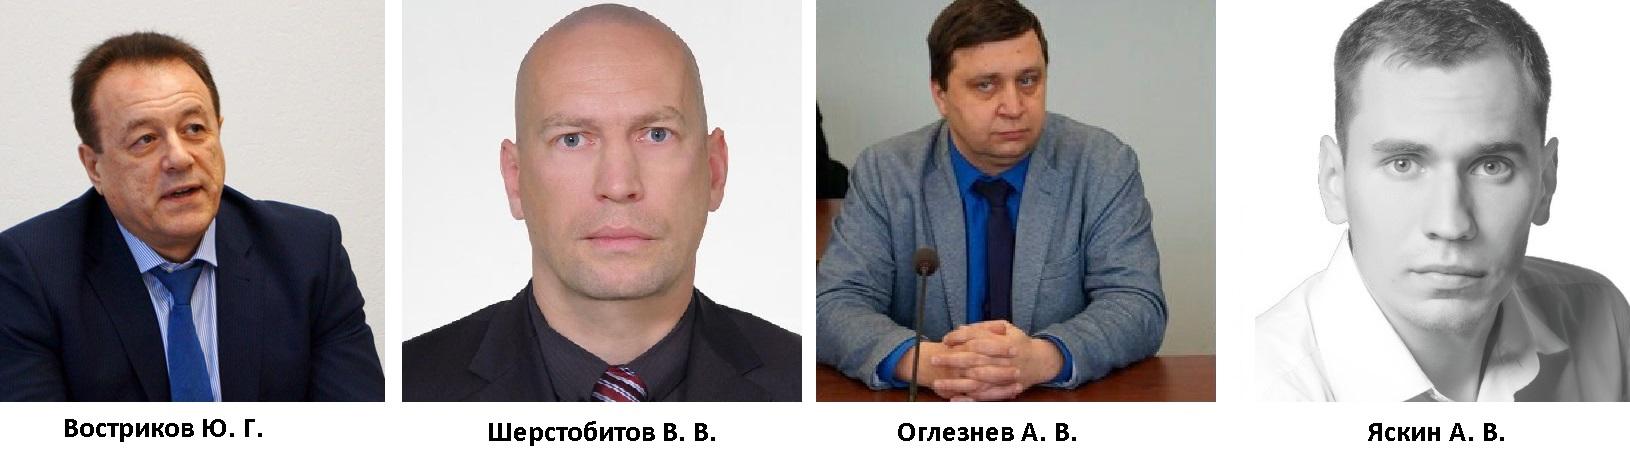 кандидаты на пост главы городского округа, чайковский район, 2018 год